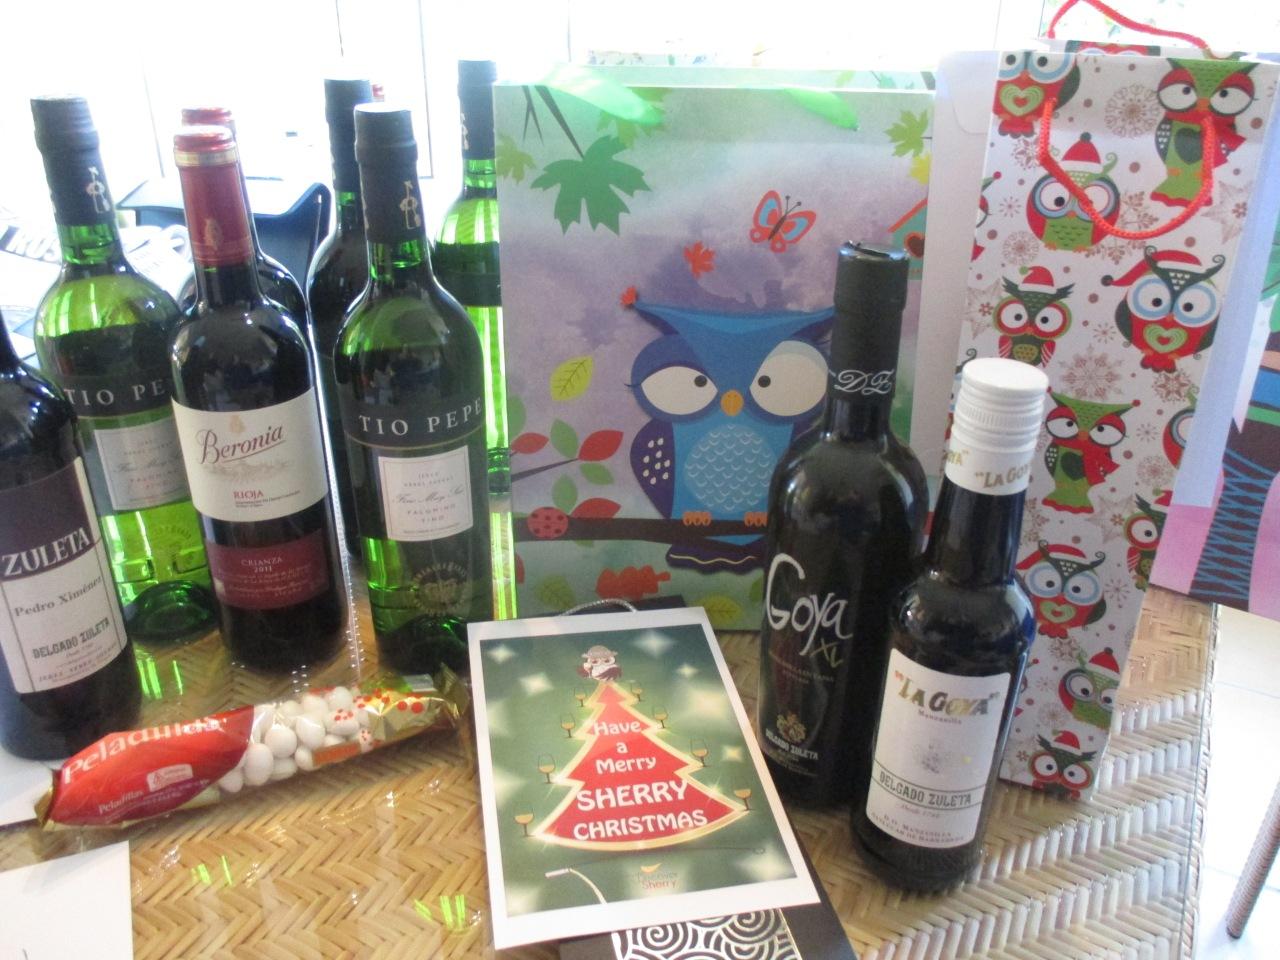 ¡Preparando los regalos de Navidad!  Getting the Christmas giftsready!